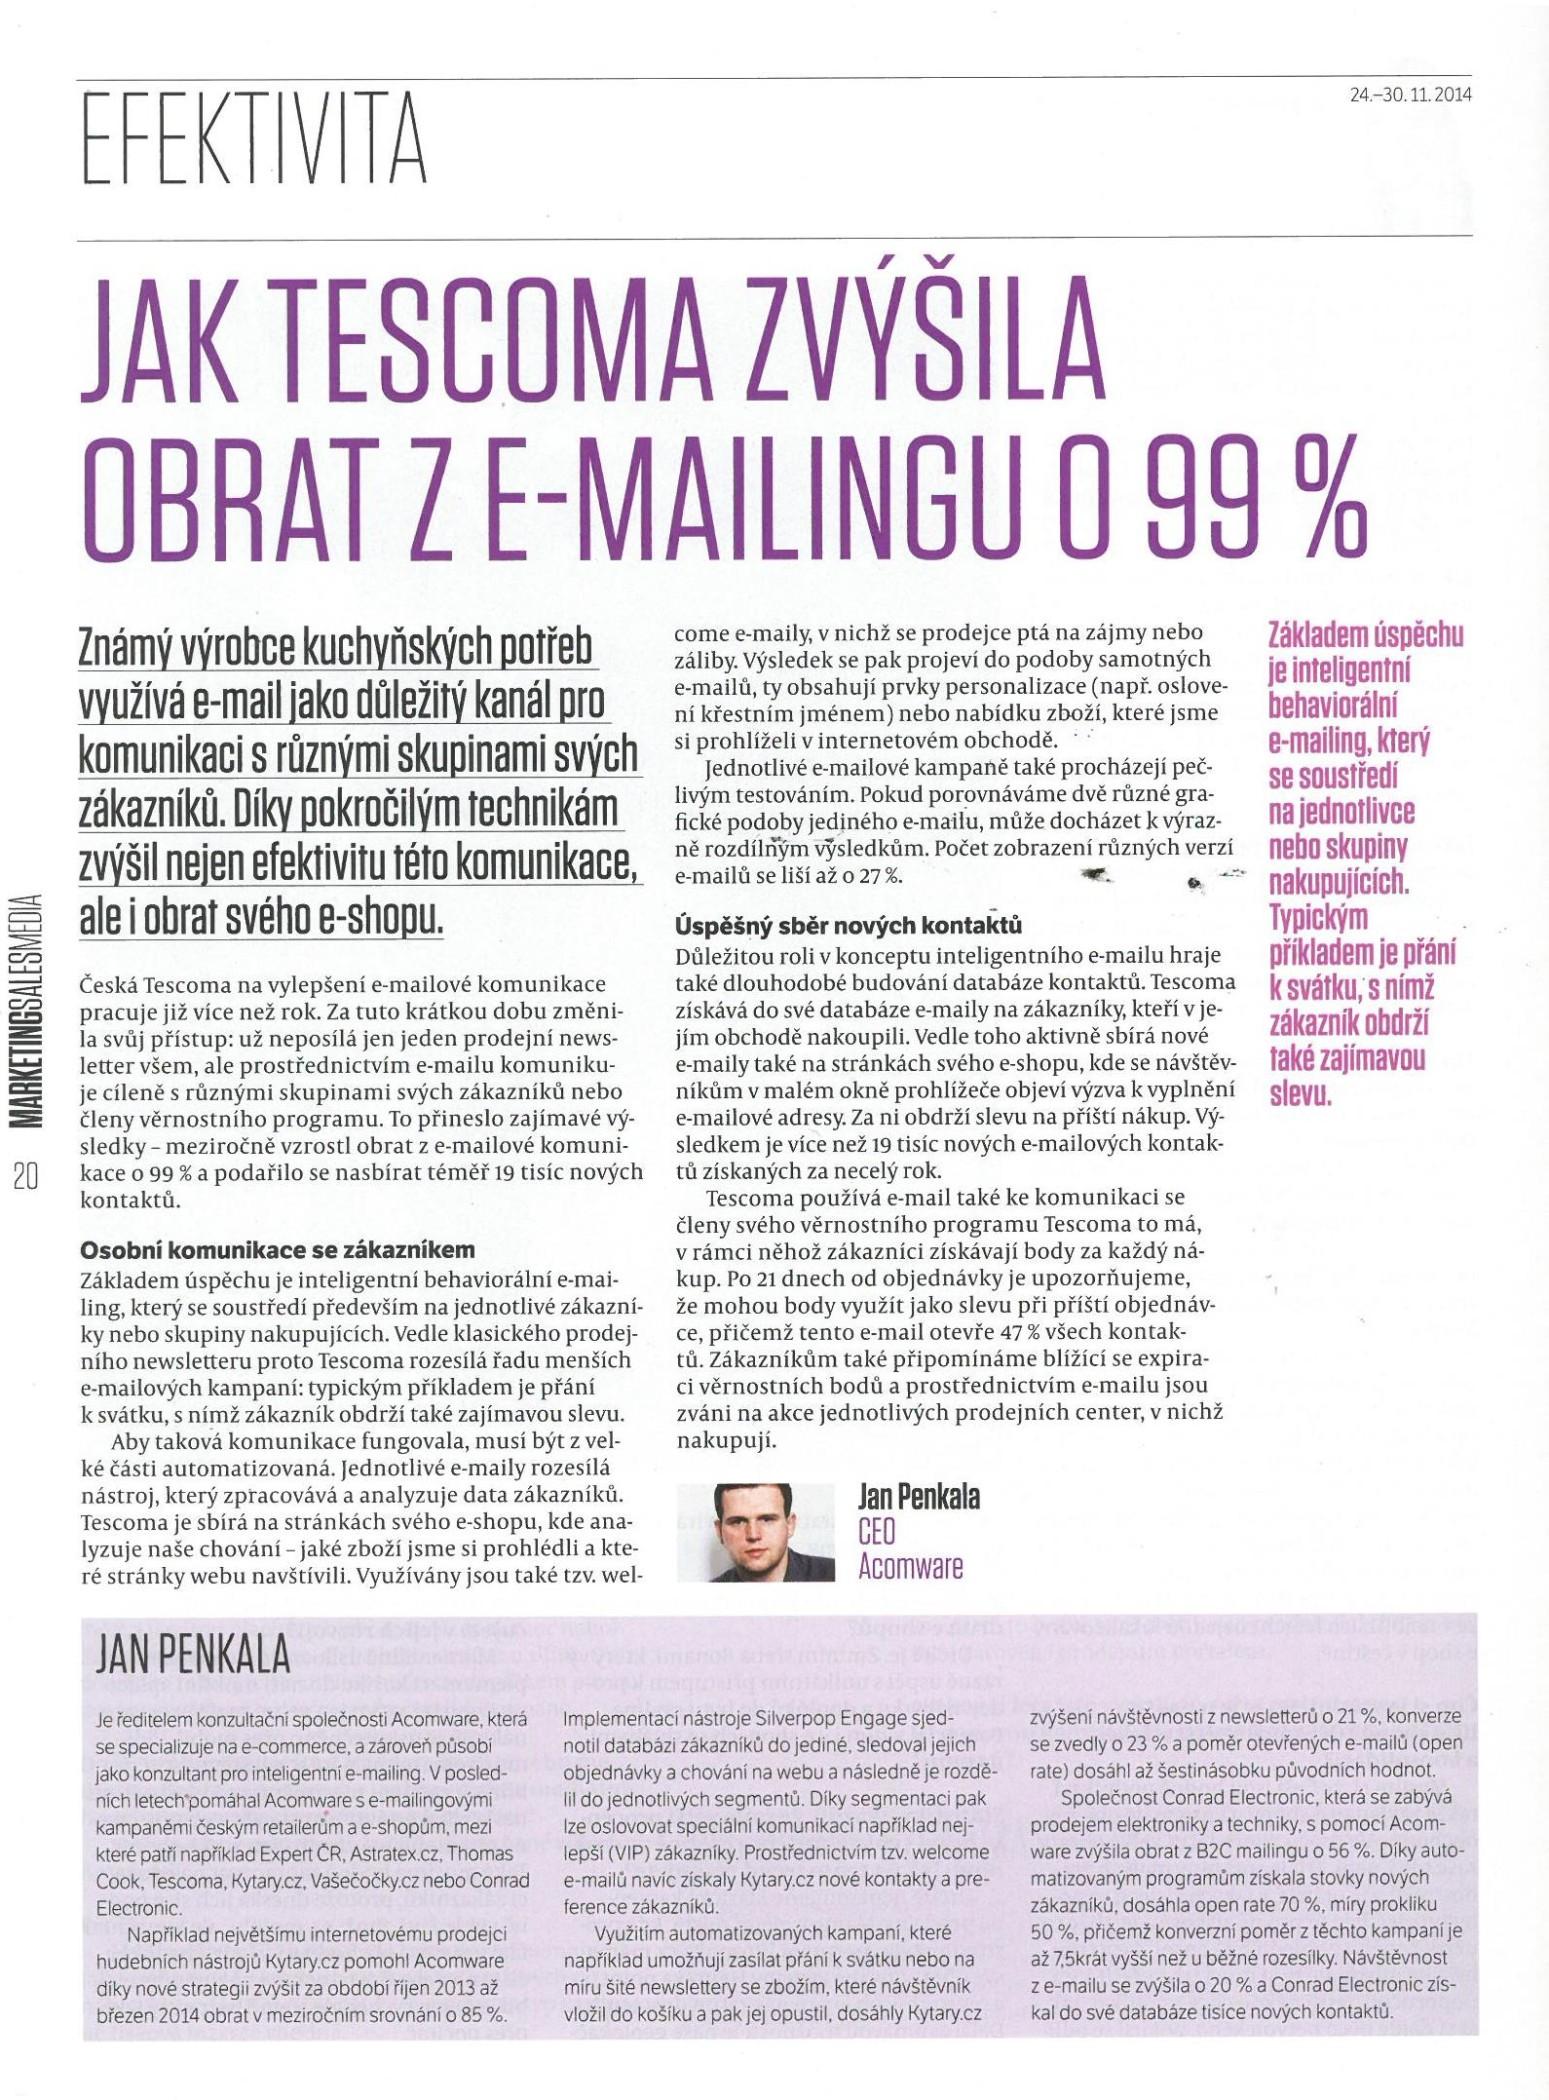 MSM-Jak Tescoma zvýšila obrat z e-mailingu